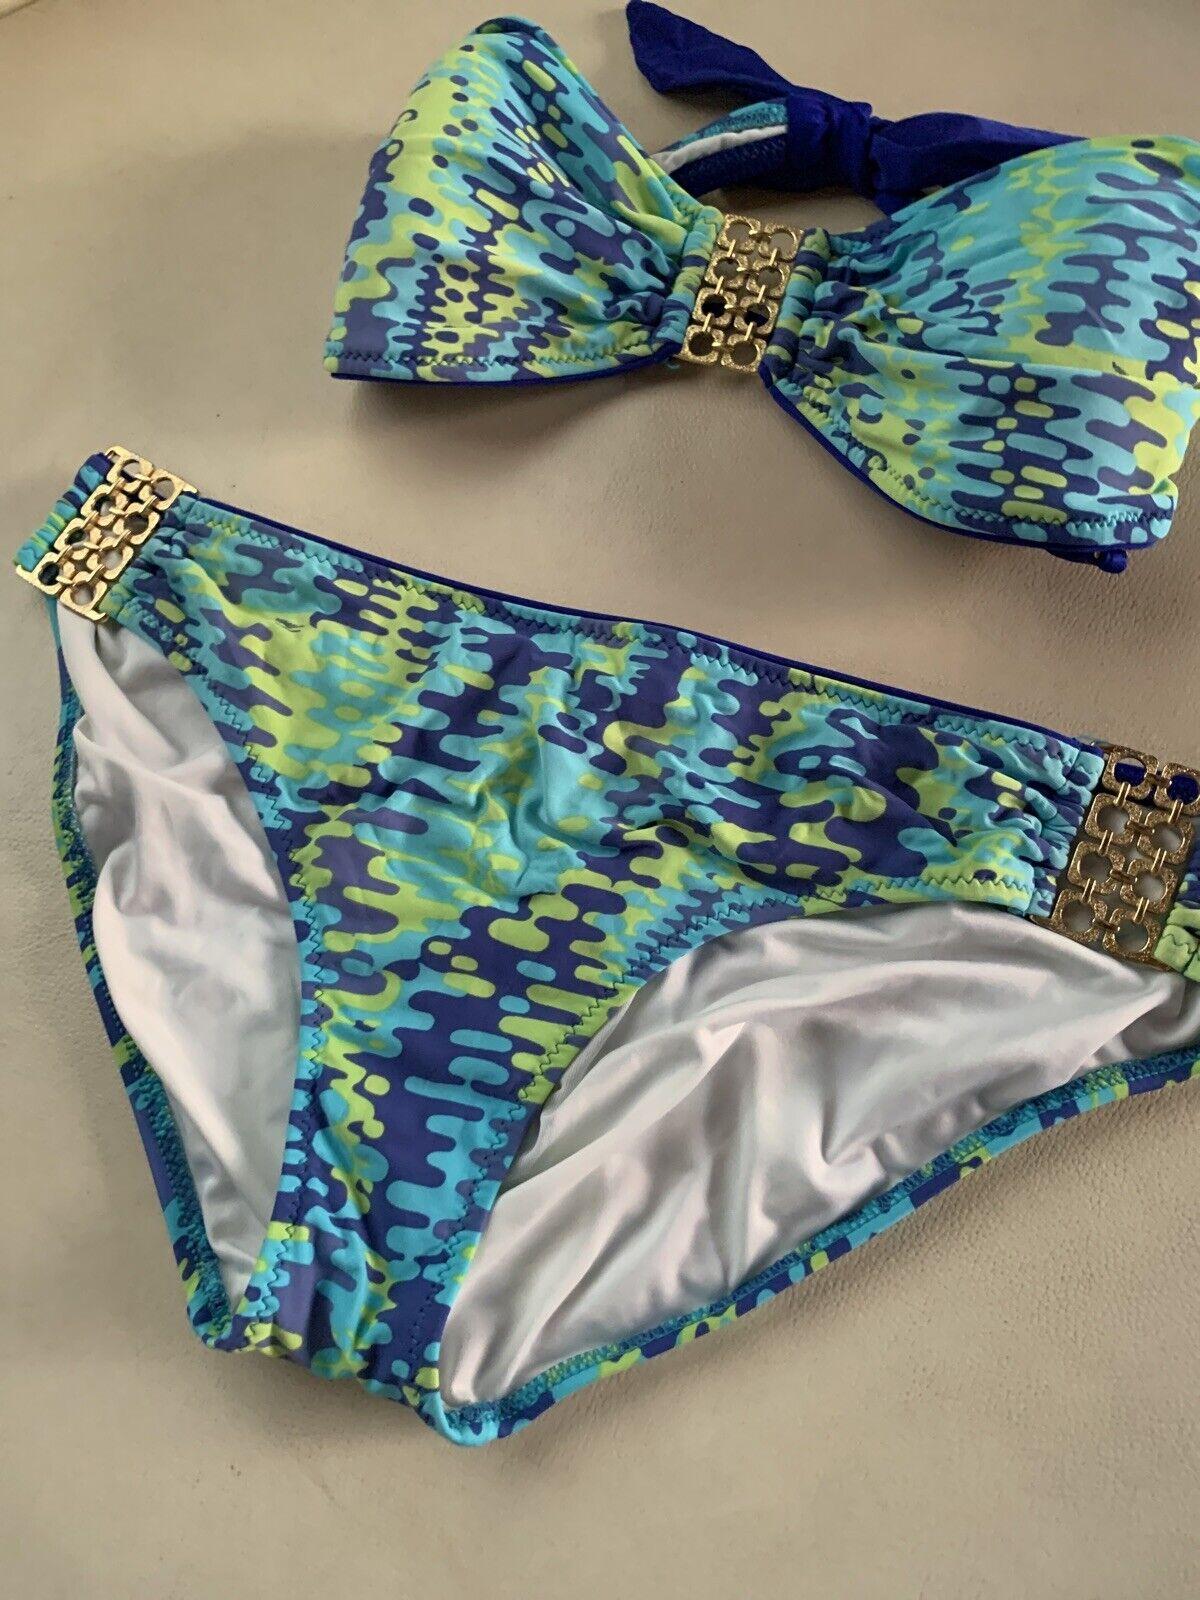 Trina Turk Two Piece Size 6 Beach Two Piece - image 2